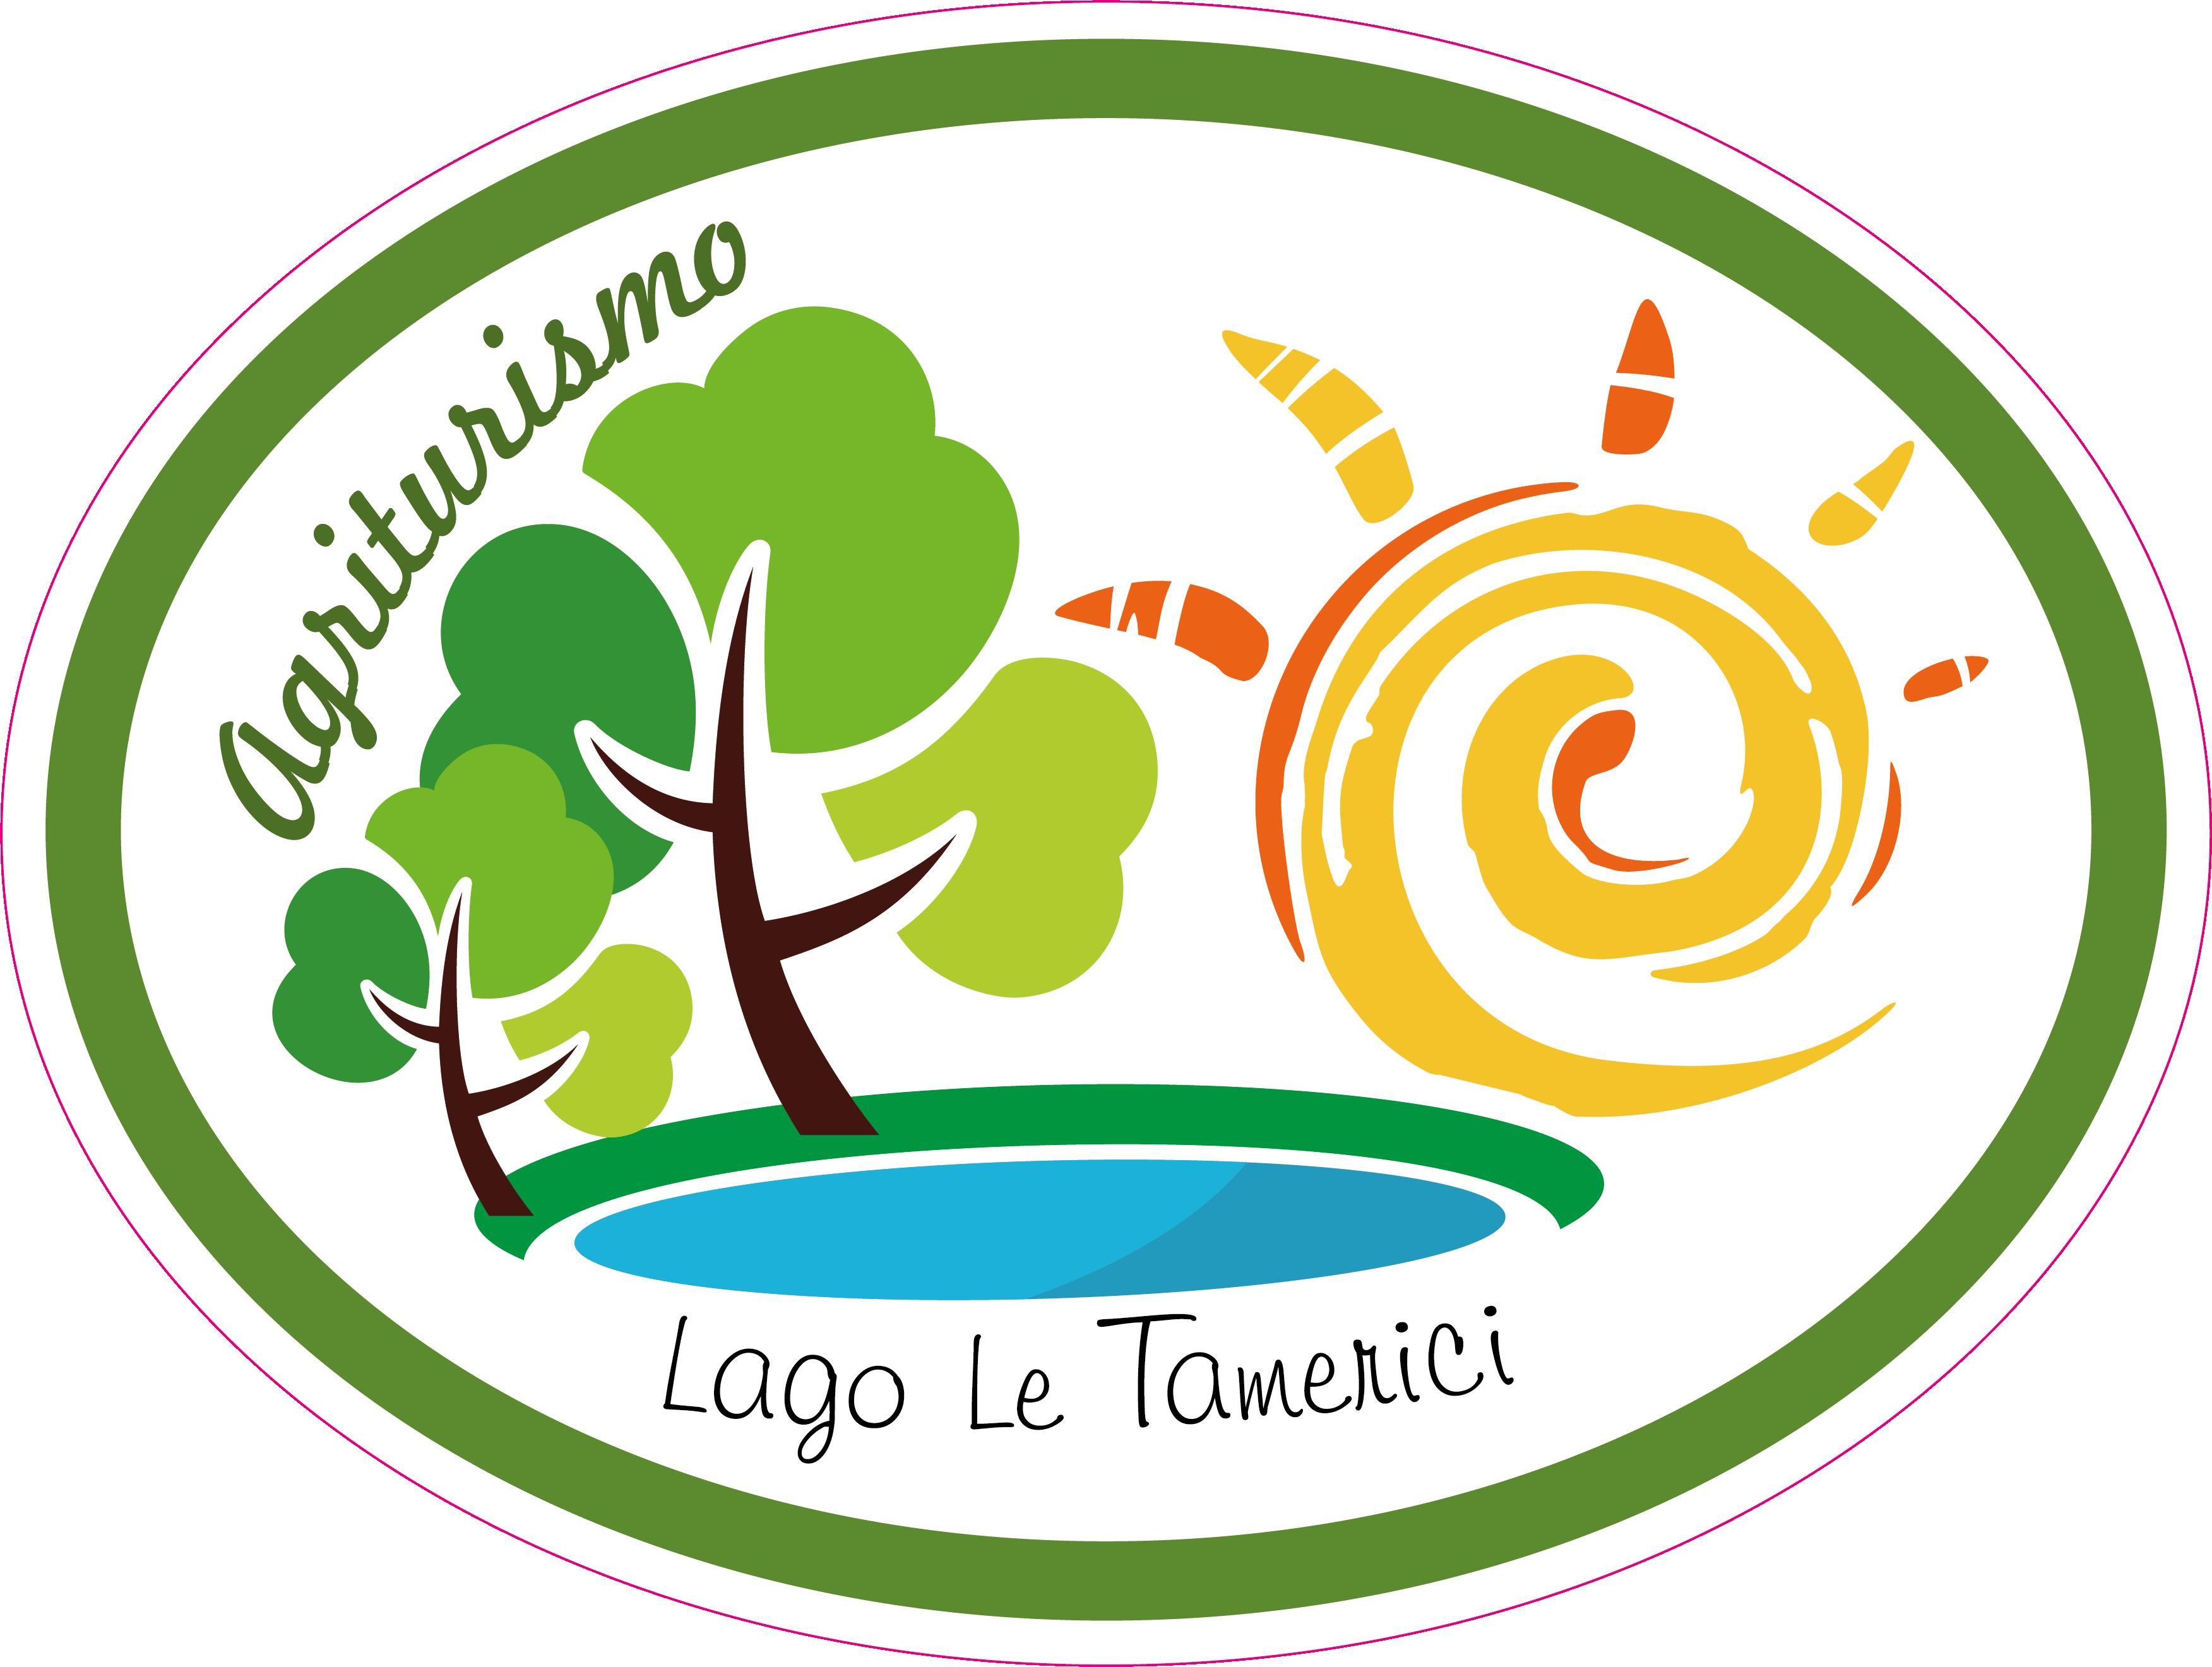 Lago le Tamerici